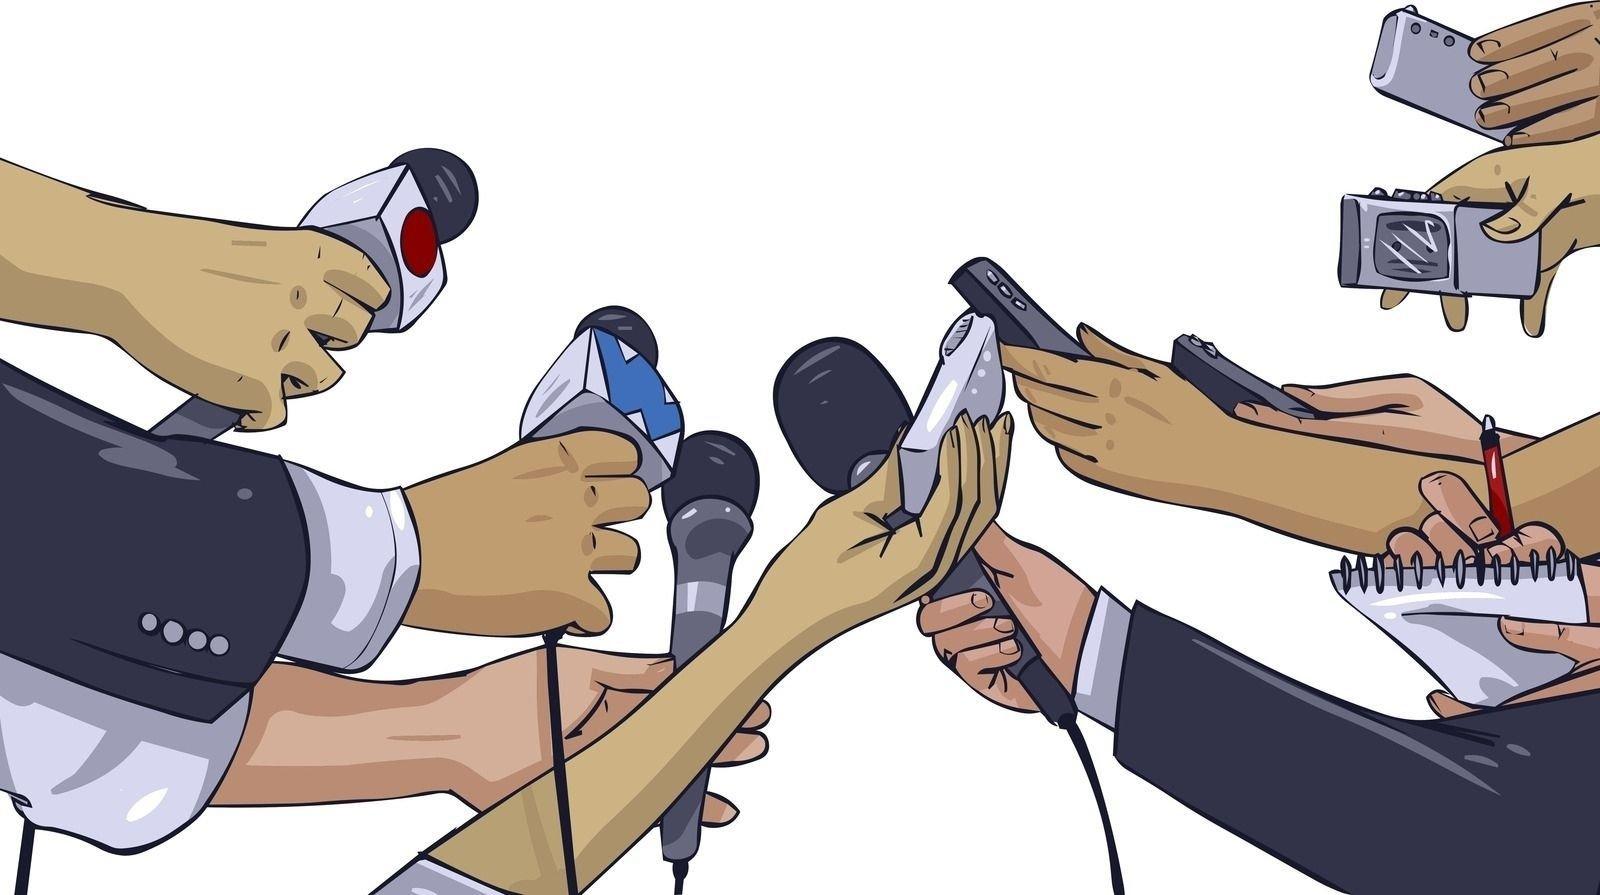 Хэвлэл мэдээллийн эрх чөлөөний тухай хуулийн шинэчилсэн найруулгын төслийг боловсруулж байна